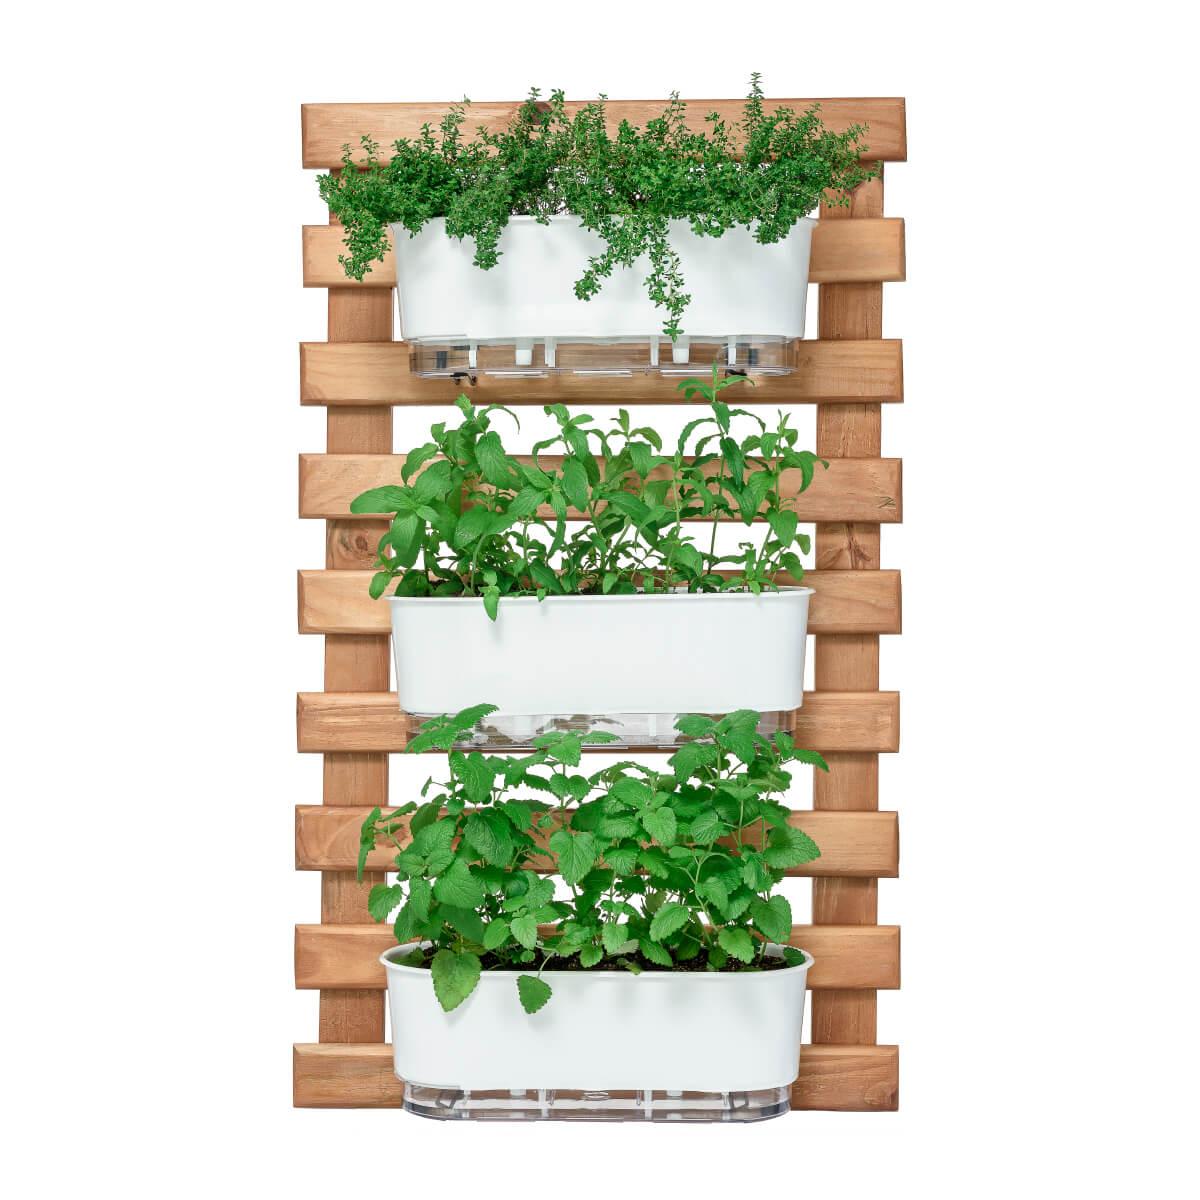 Kit Horta Vertical 60cm x 100cm com 3 Jardineiras brancas  - Vasos Raiz Loja Oficial